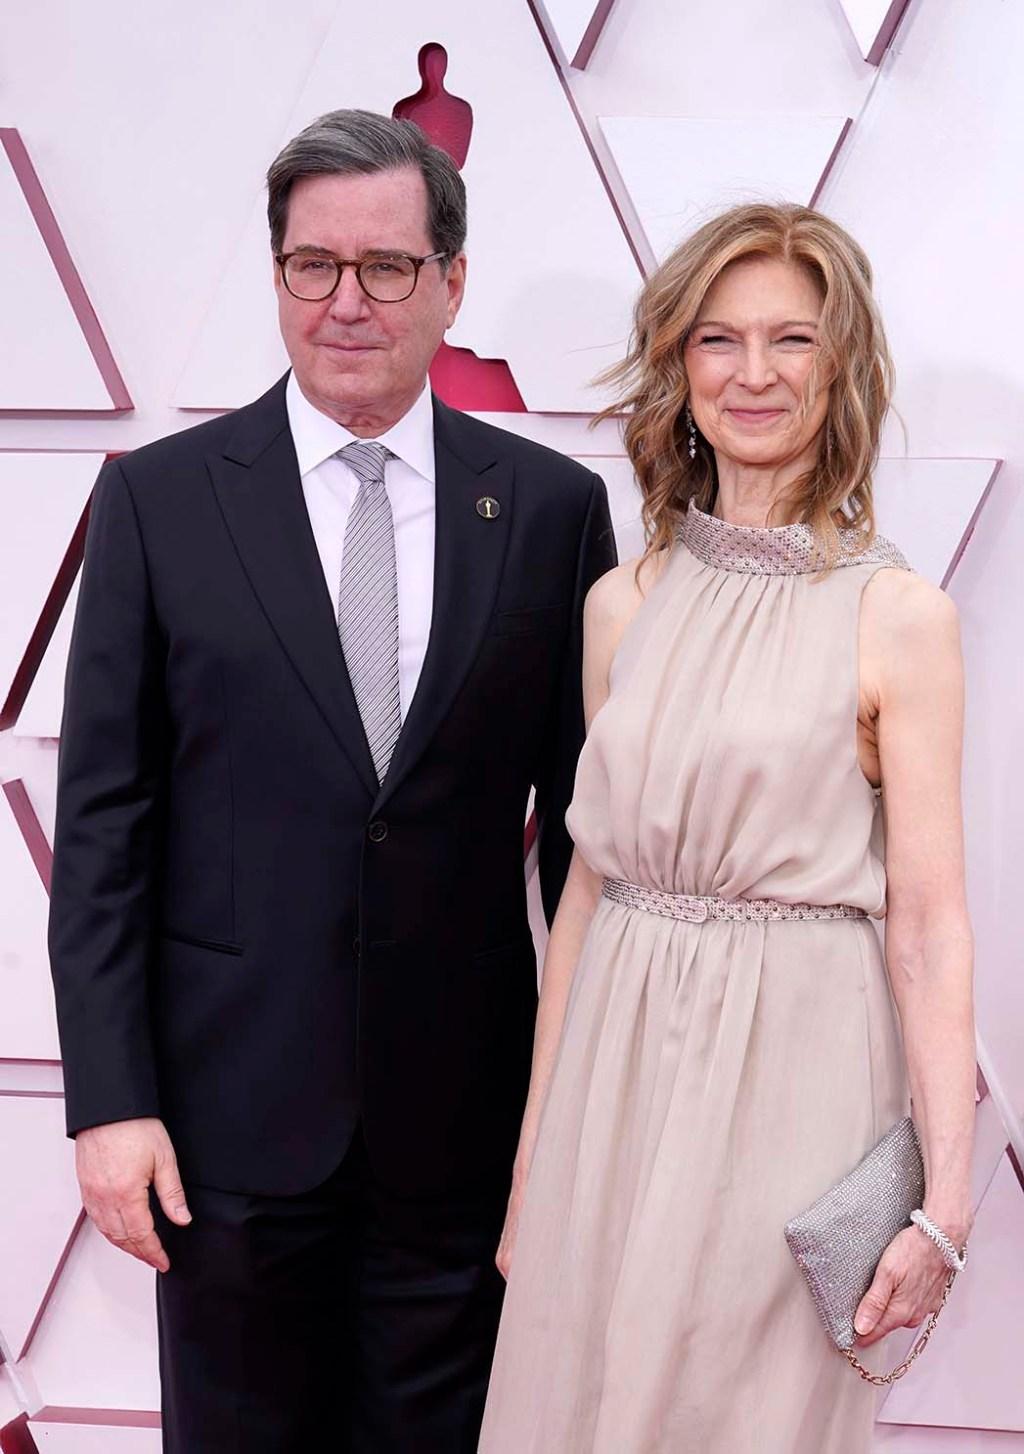 David Rubin and Dawn Hudson